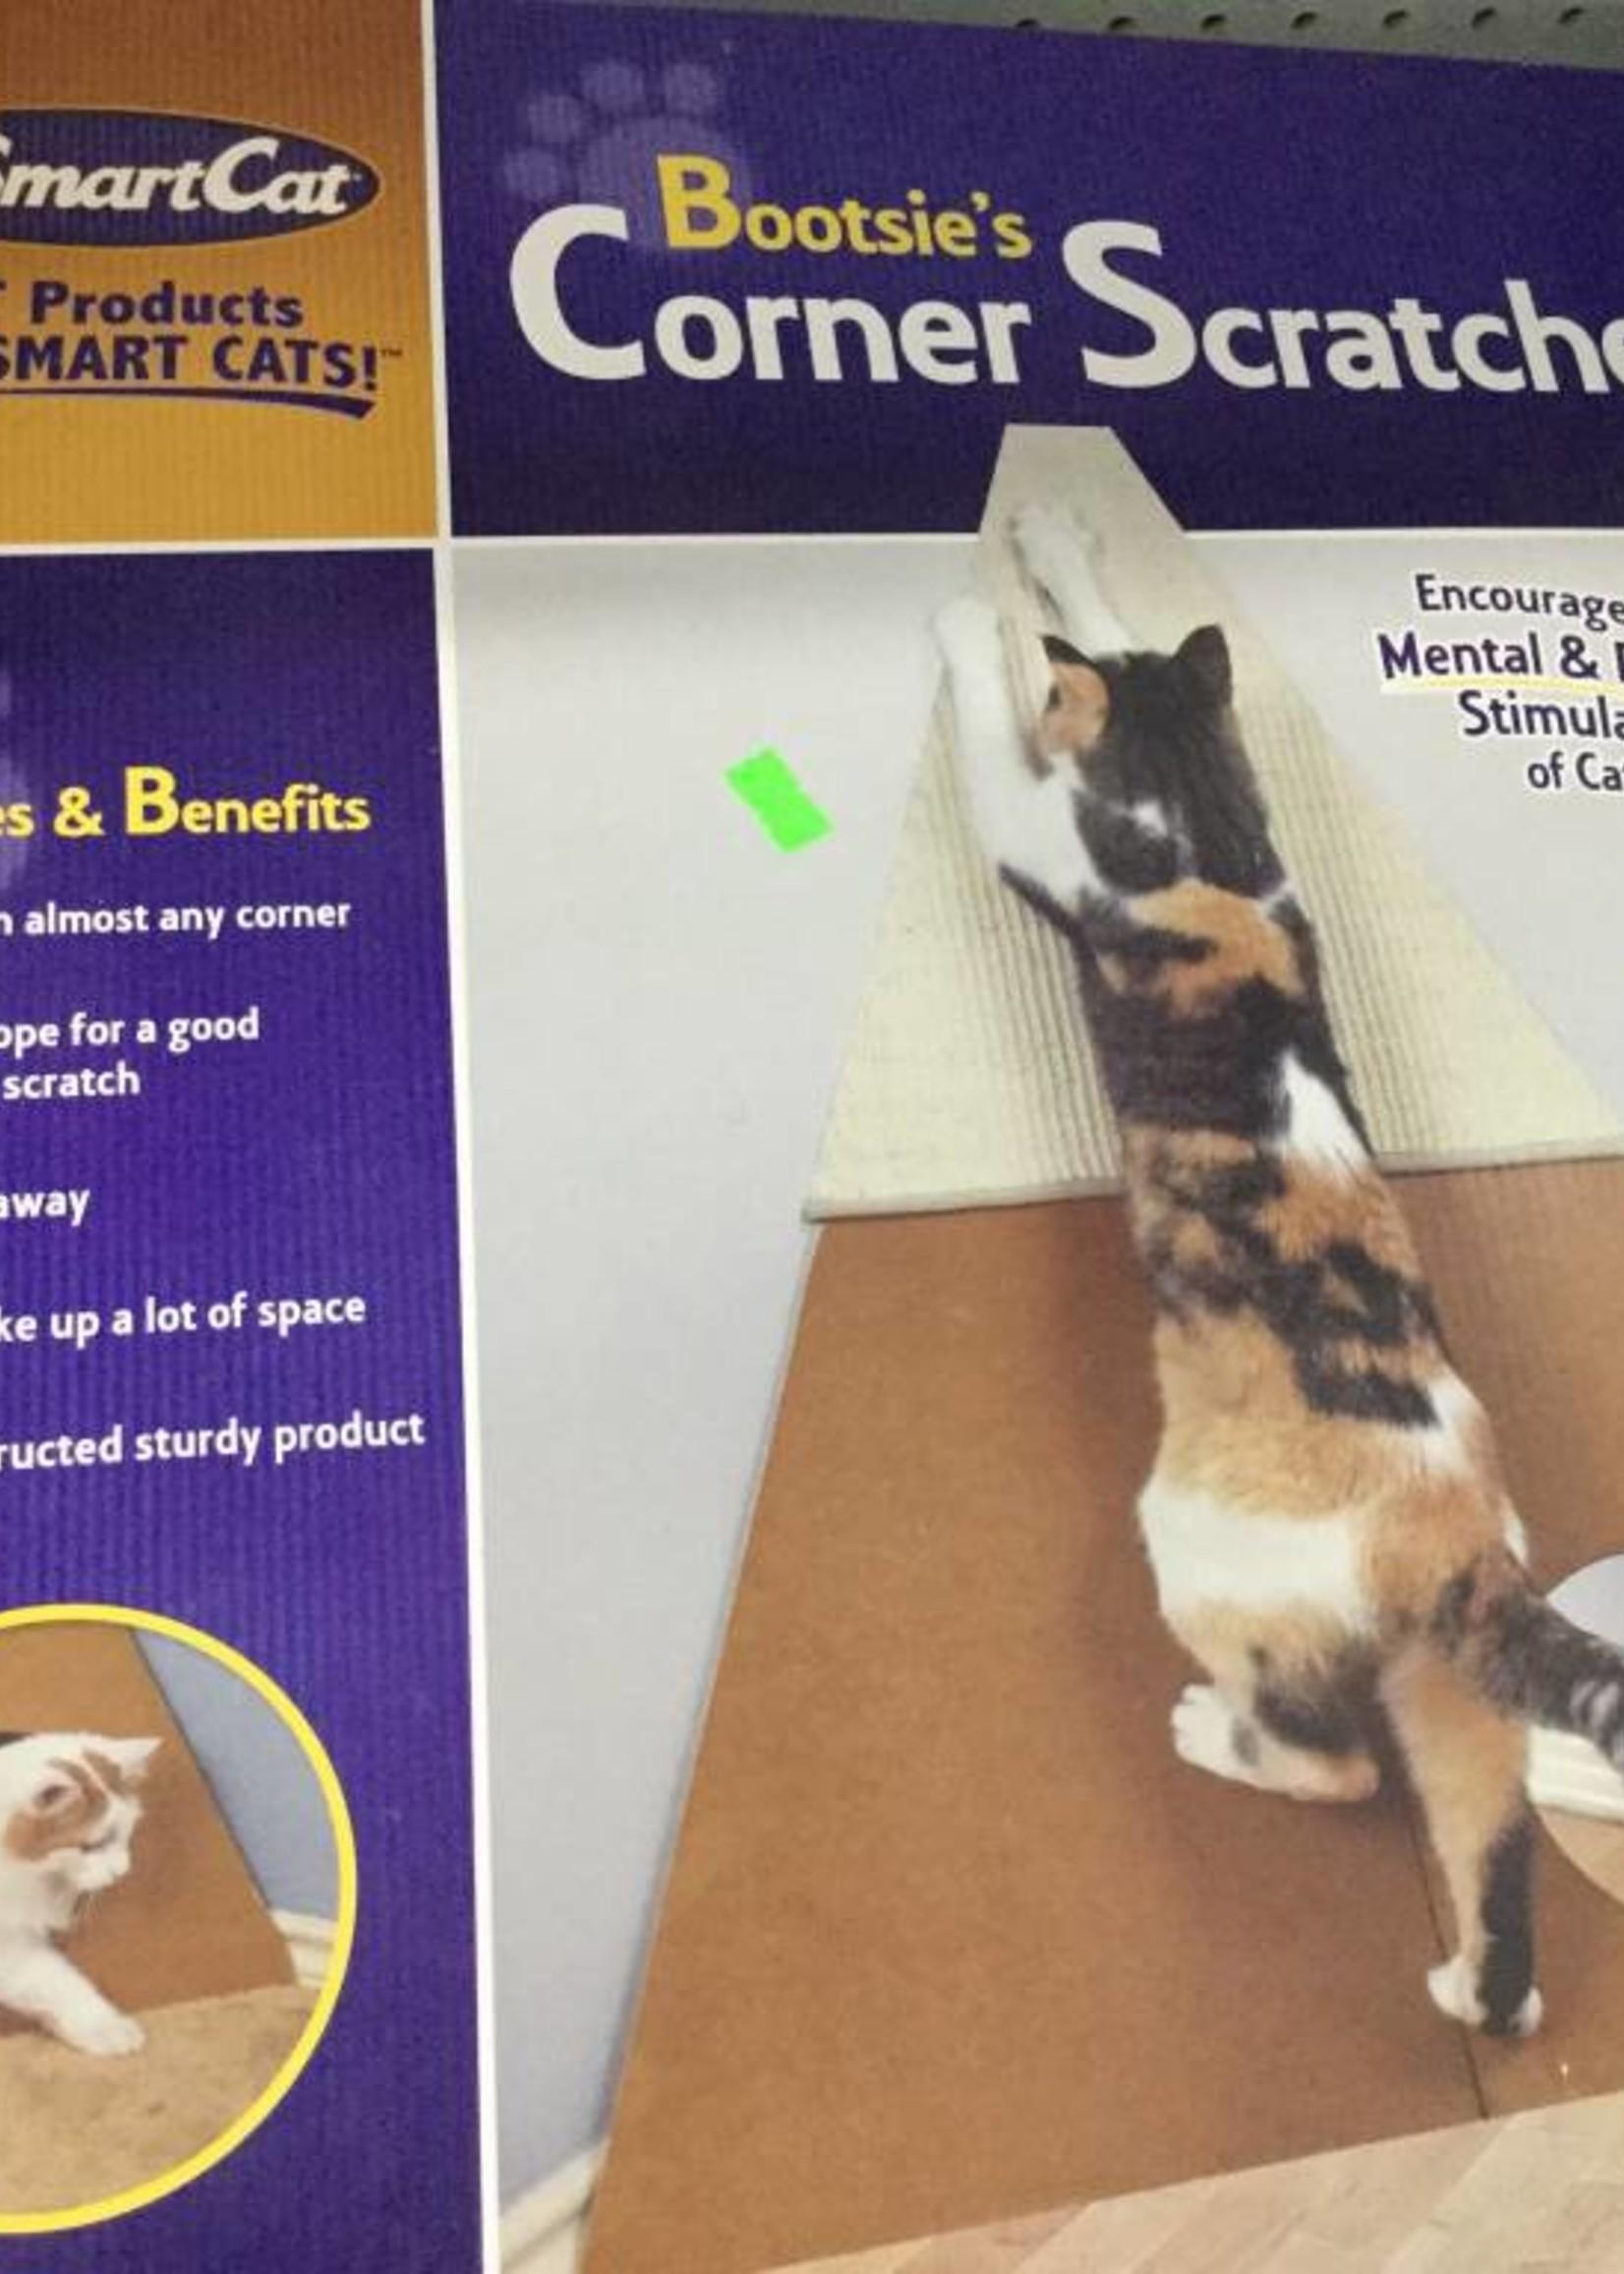 Smart Cat Bootsie's Corner Scratcher